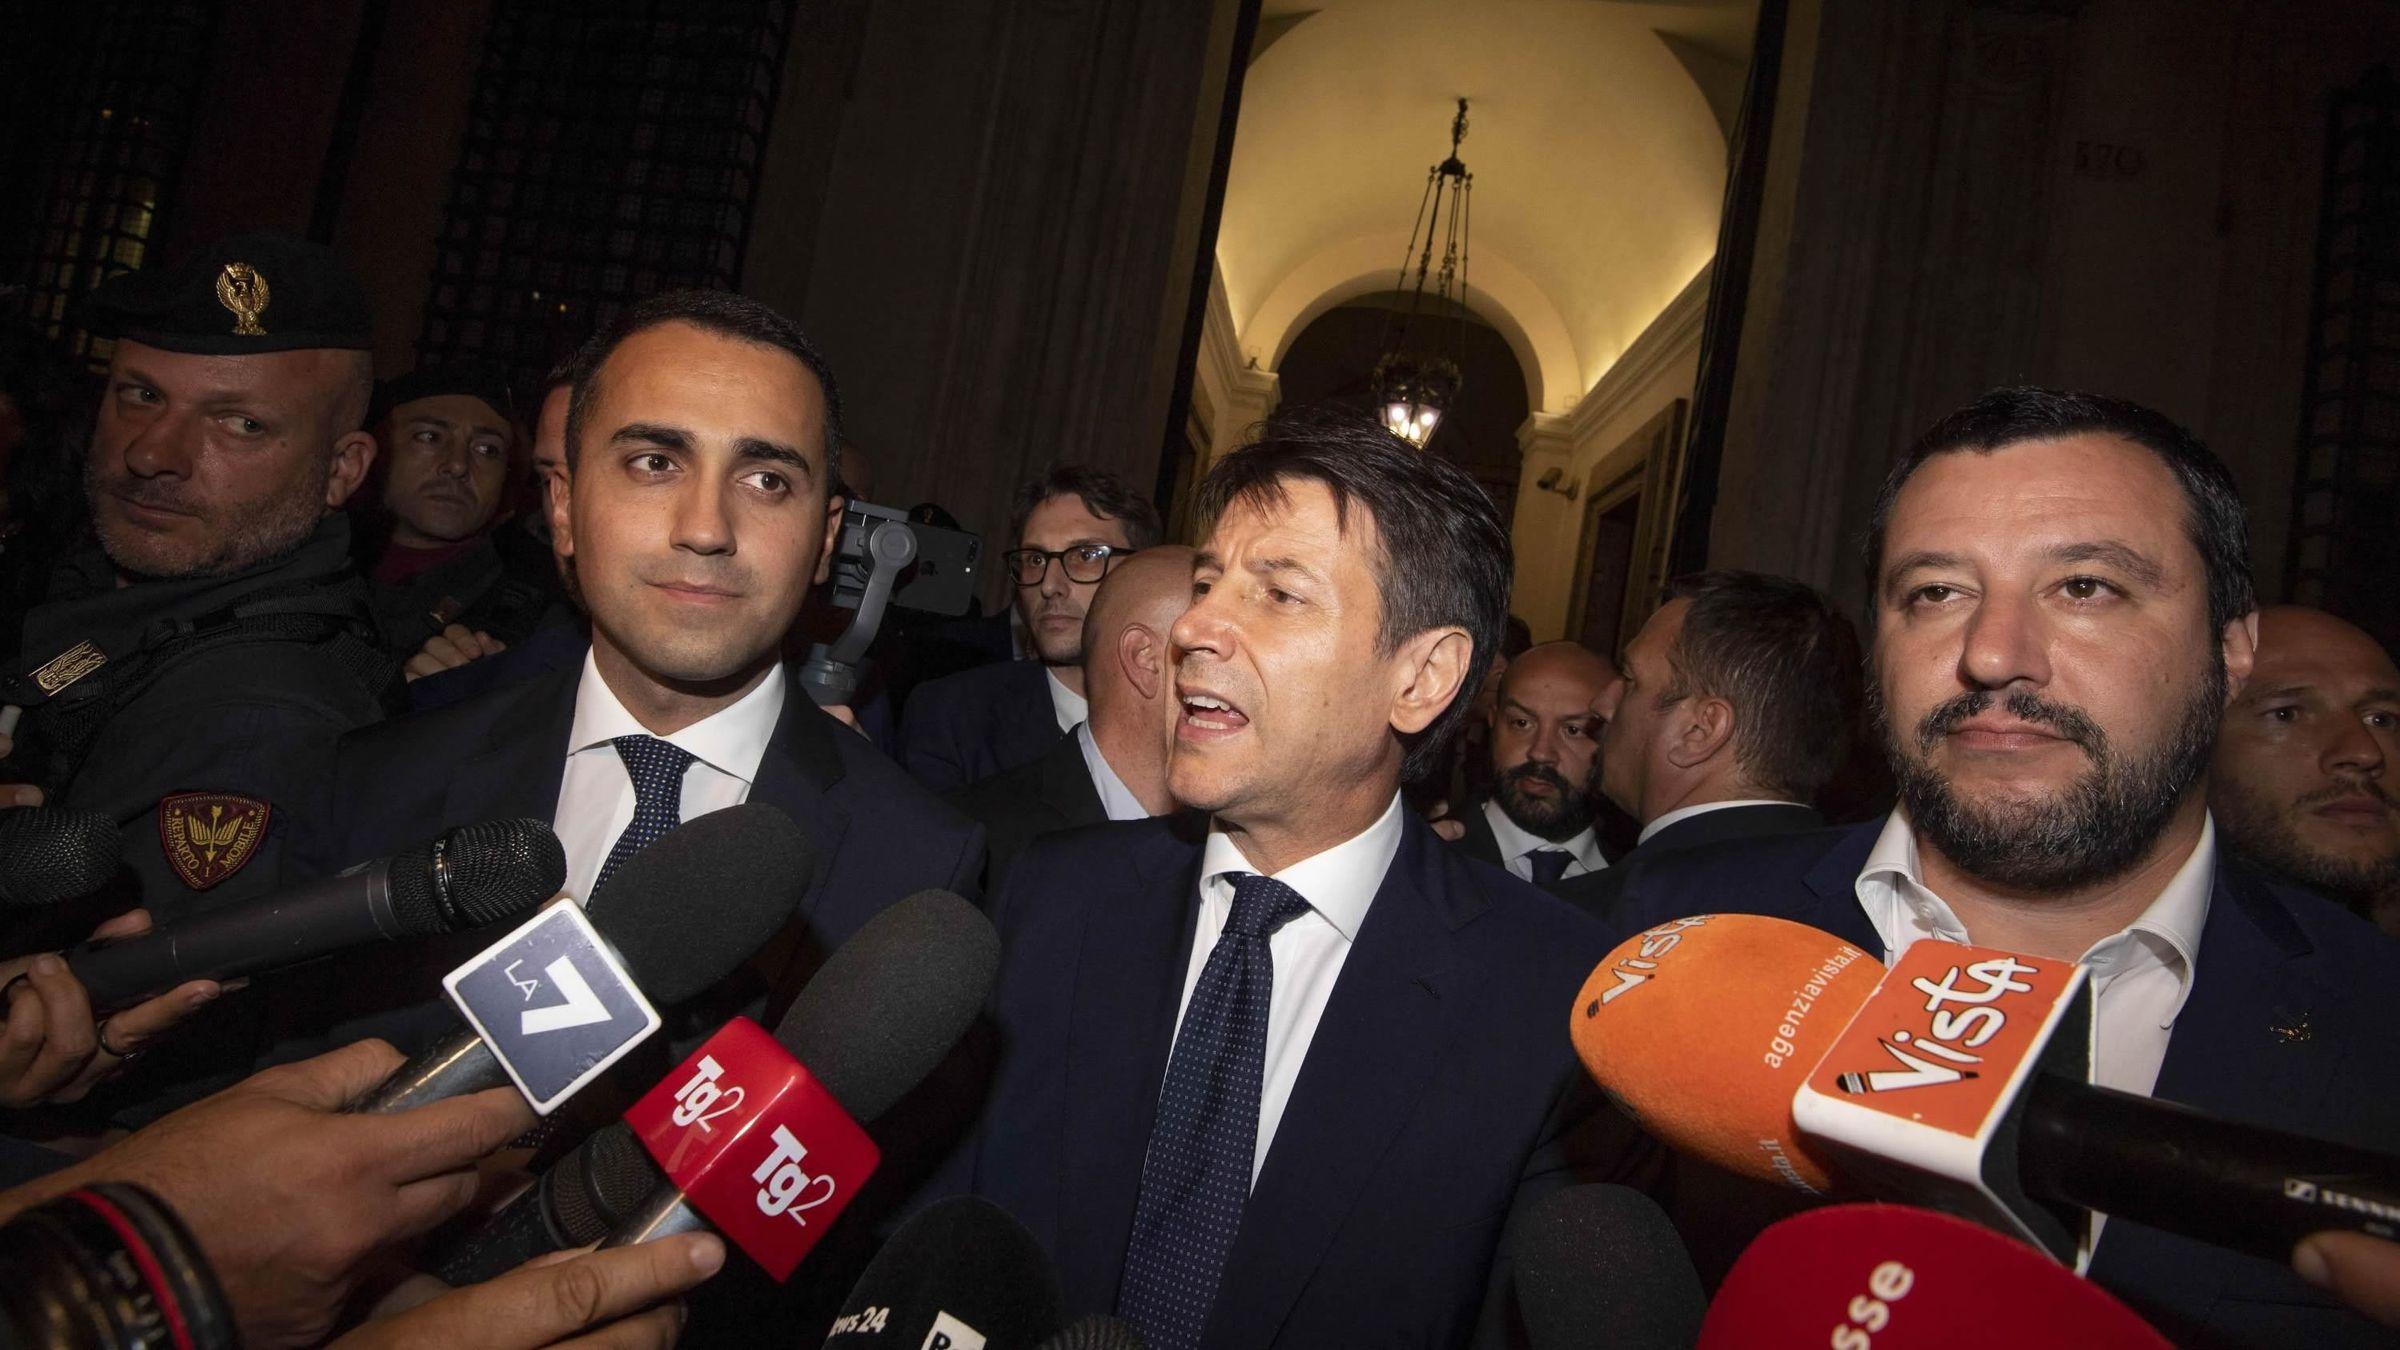 Guiuseppe Conte y sus dos vicepresidentes en el exterior del Palacio Chigi en Roma